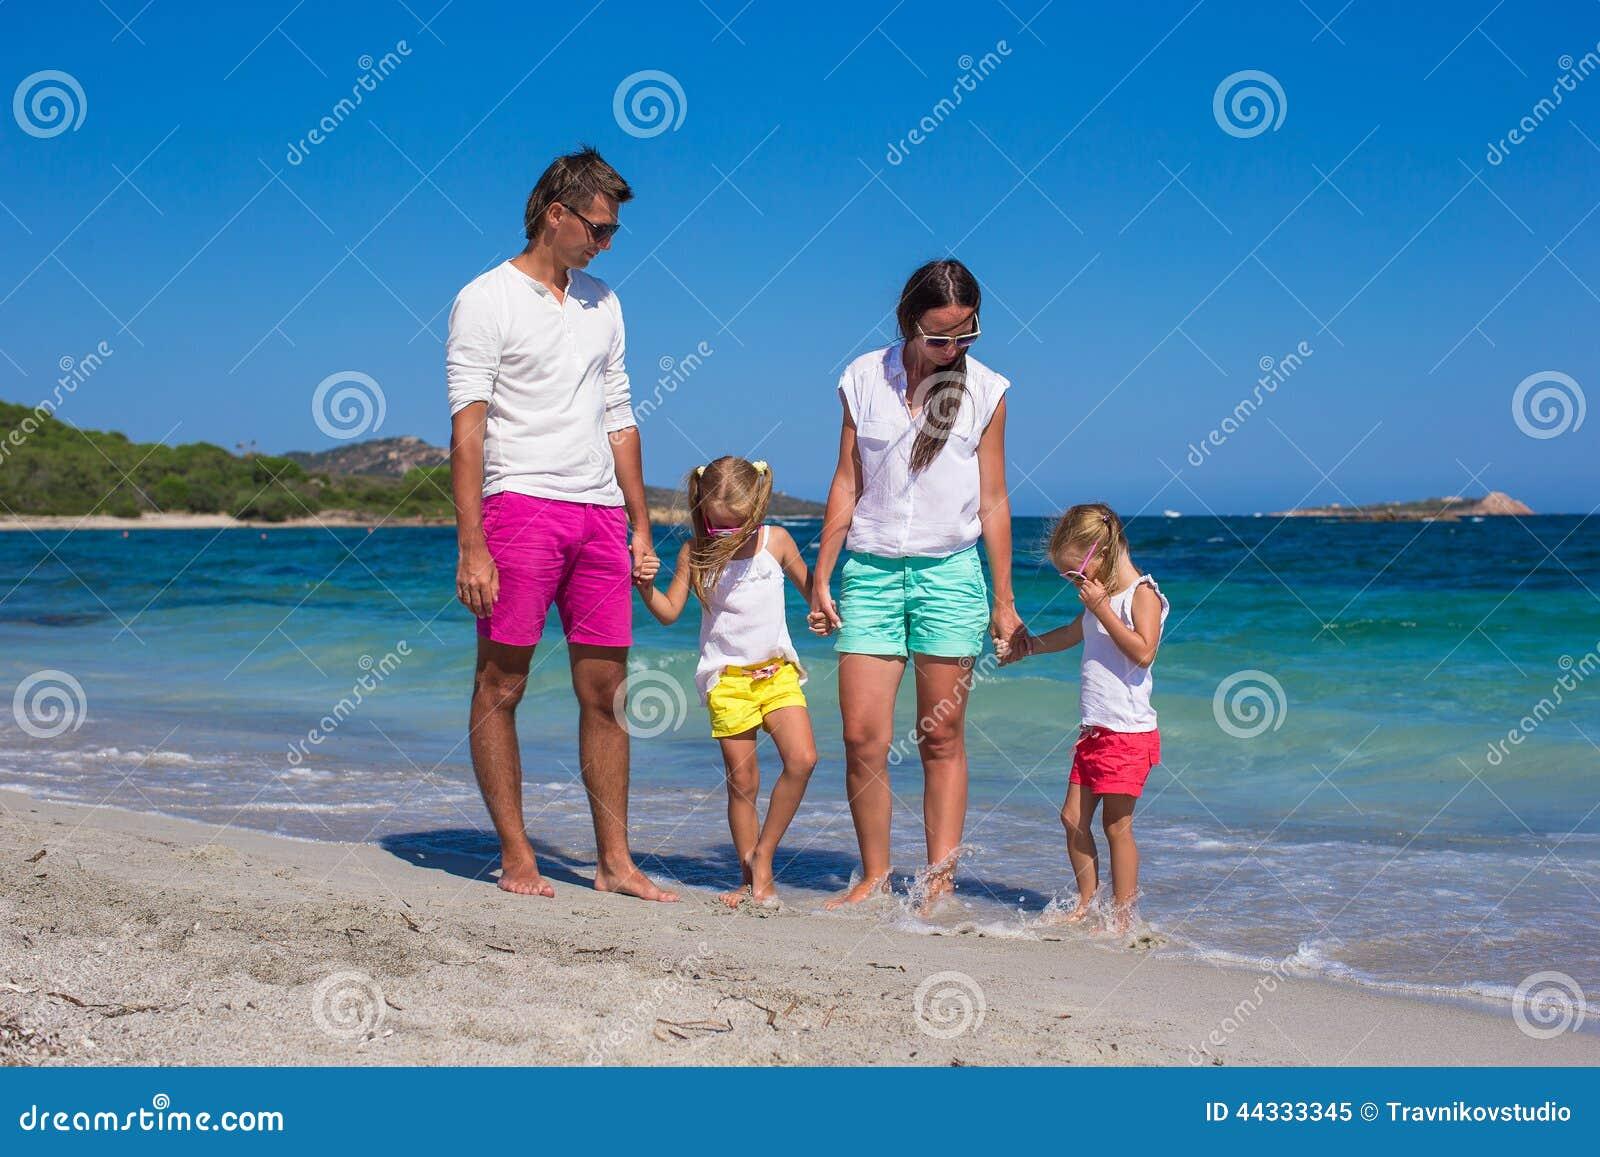 vacances famille italie